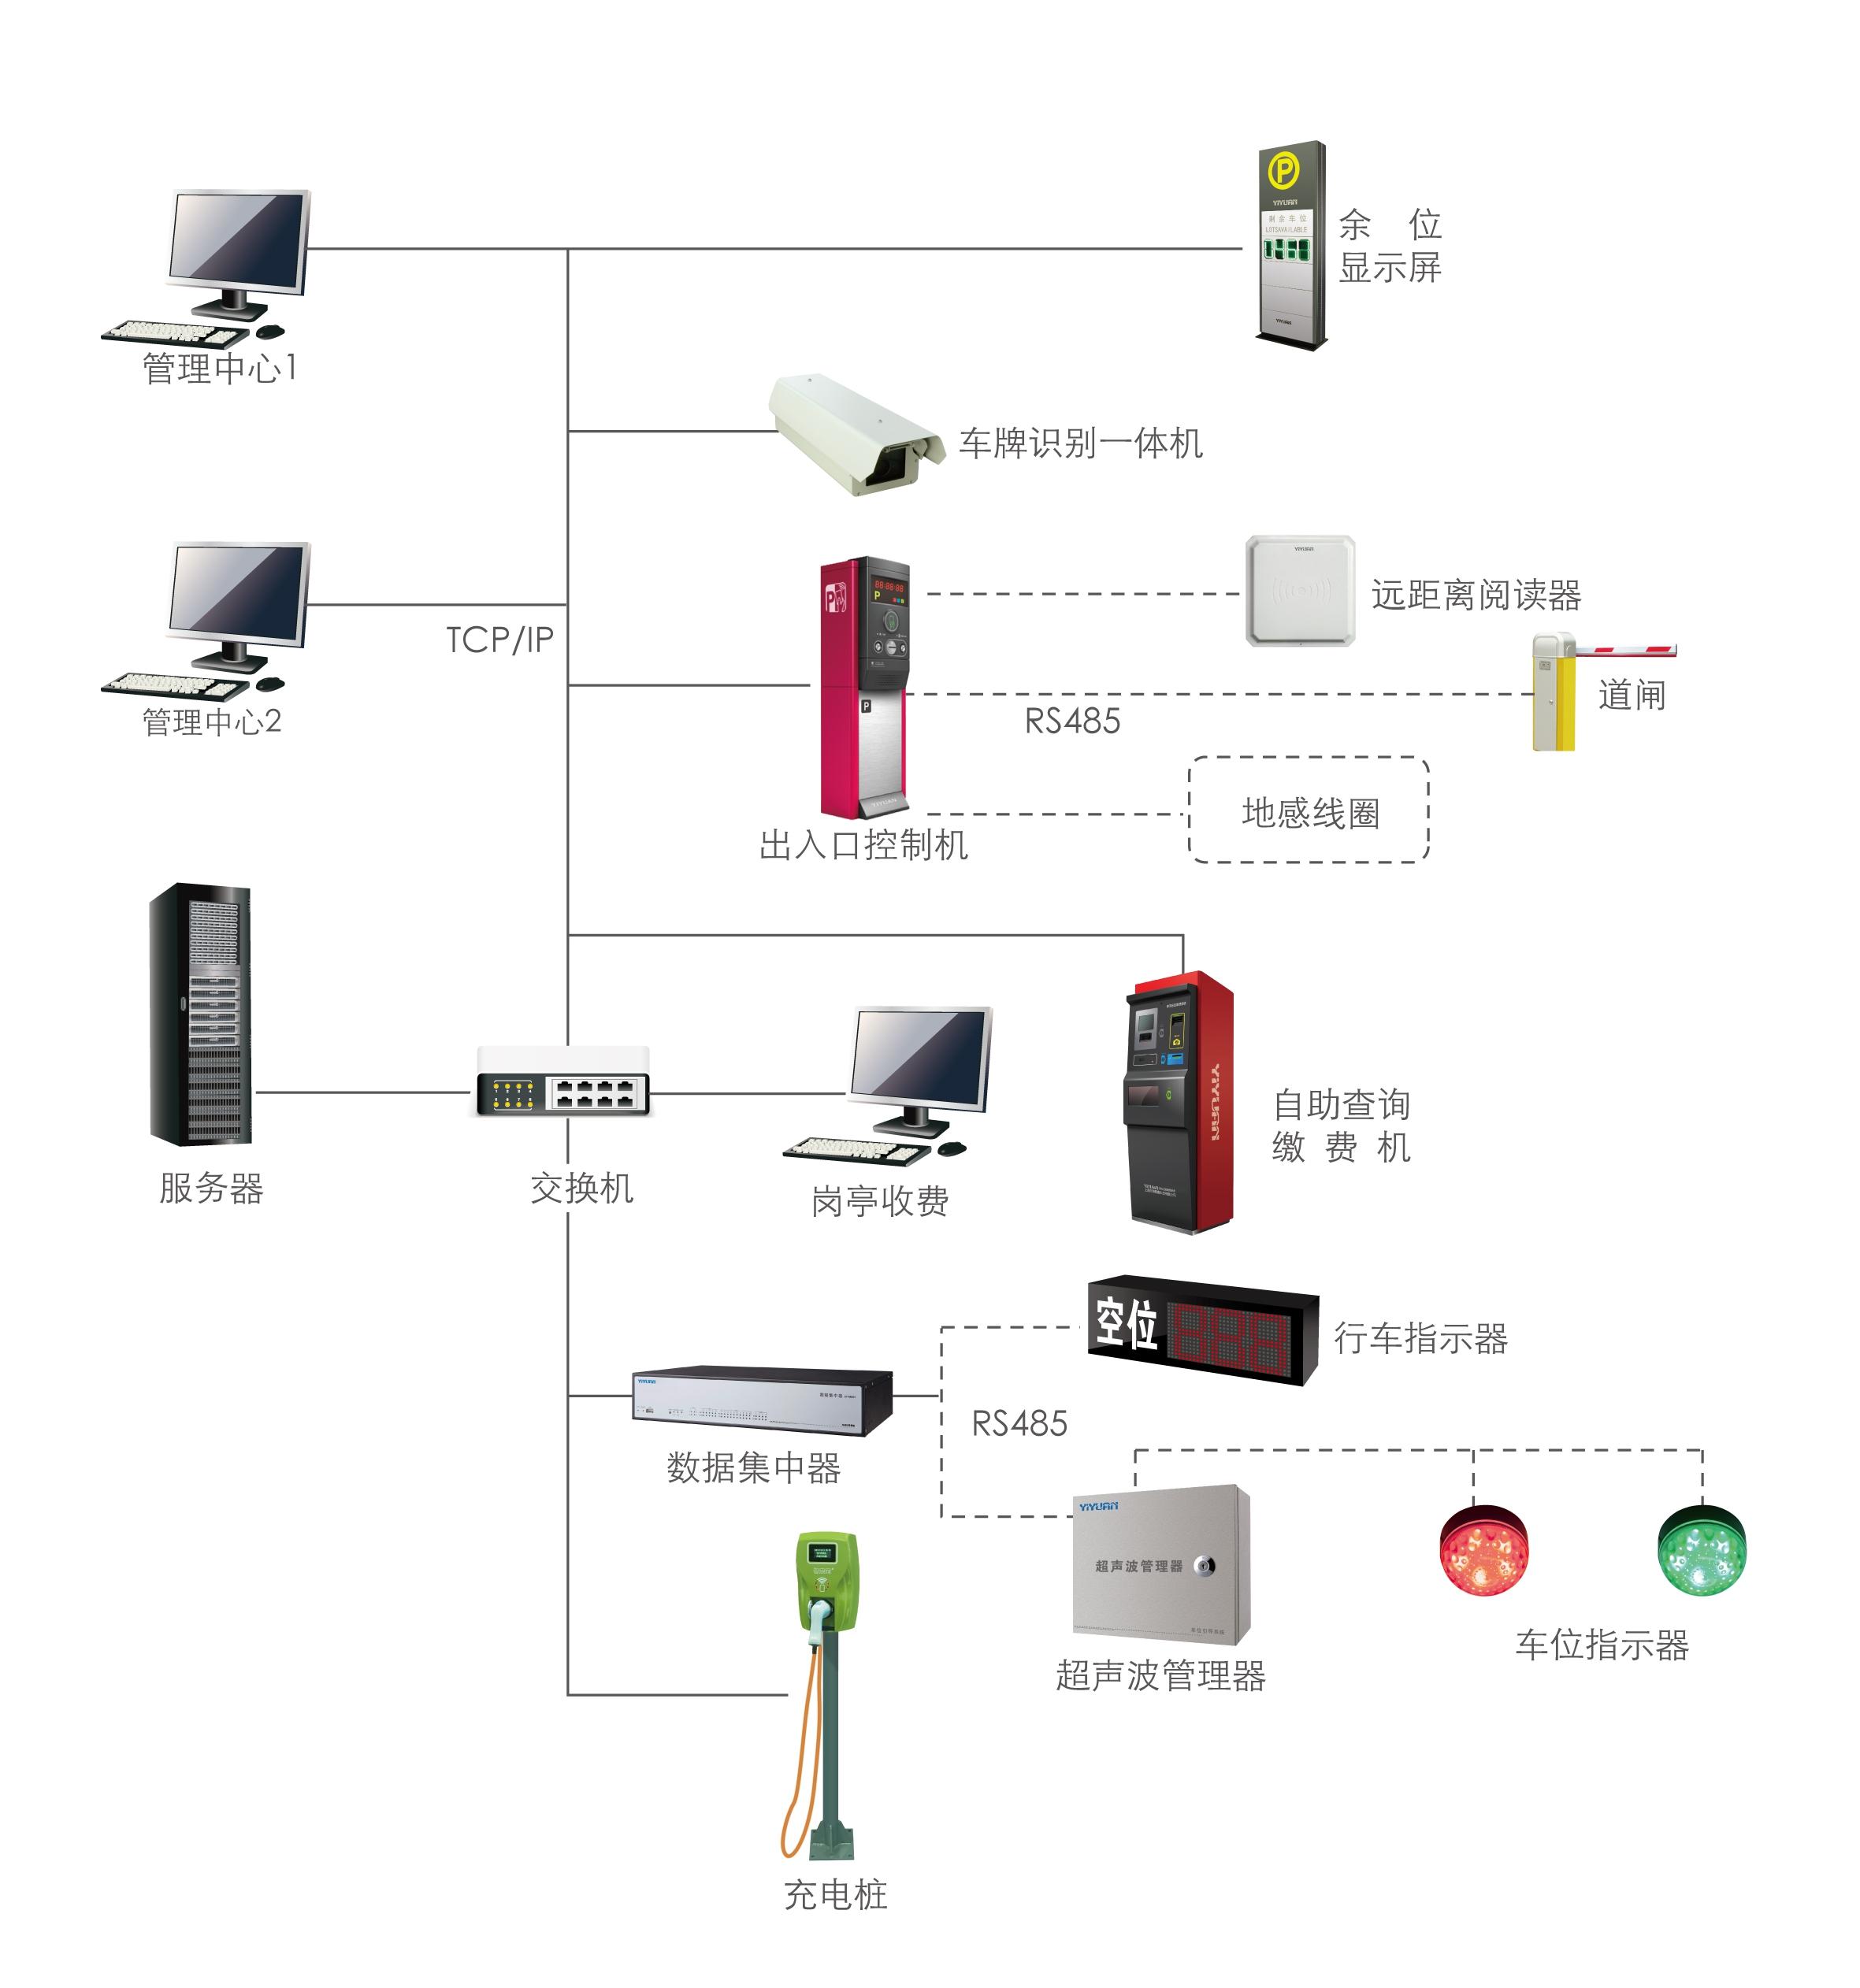 正规车场管理系统客户至上 服务为先「宁波云耀信息技术供应」